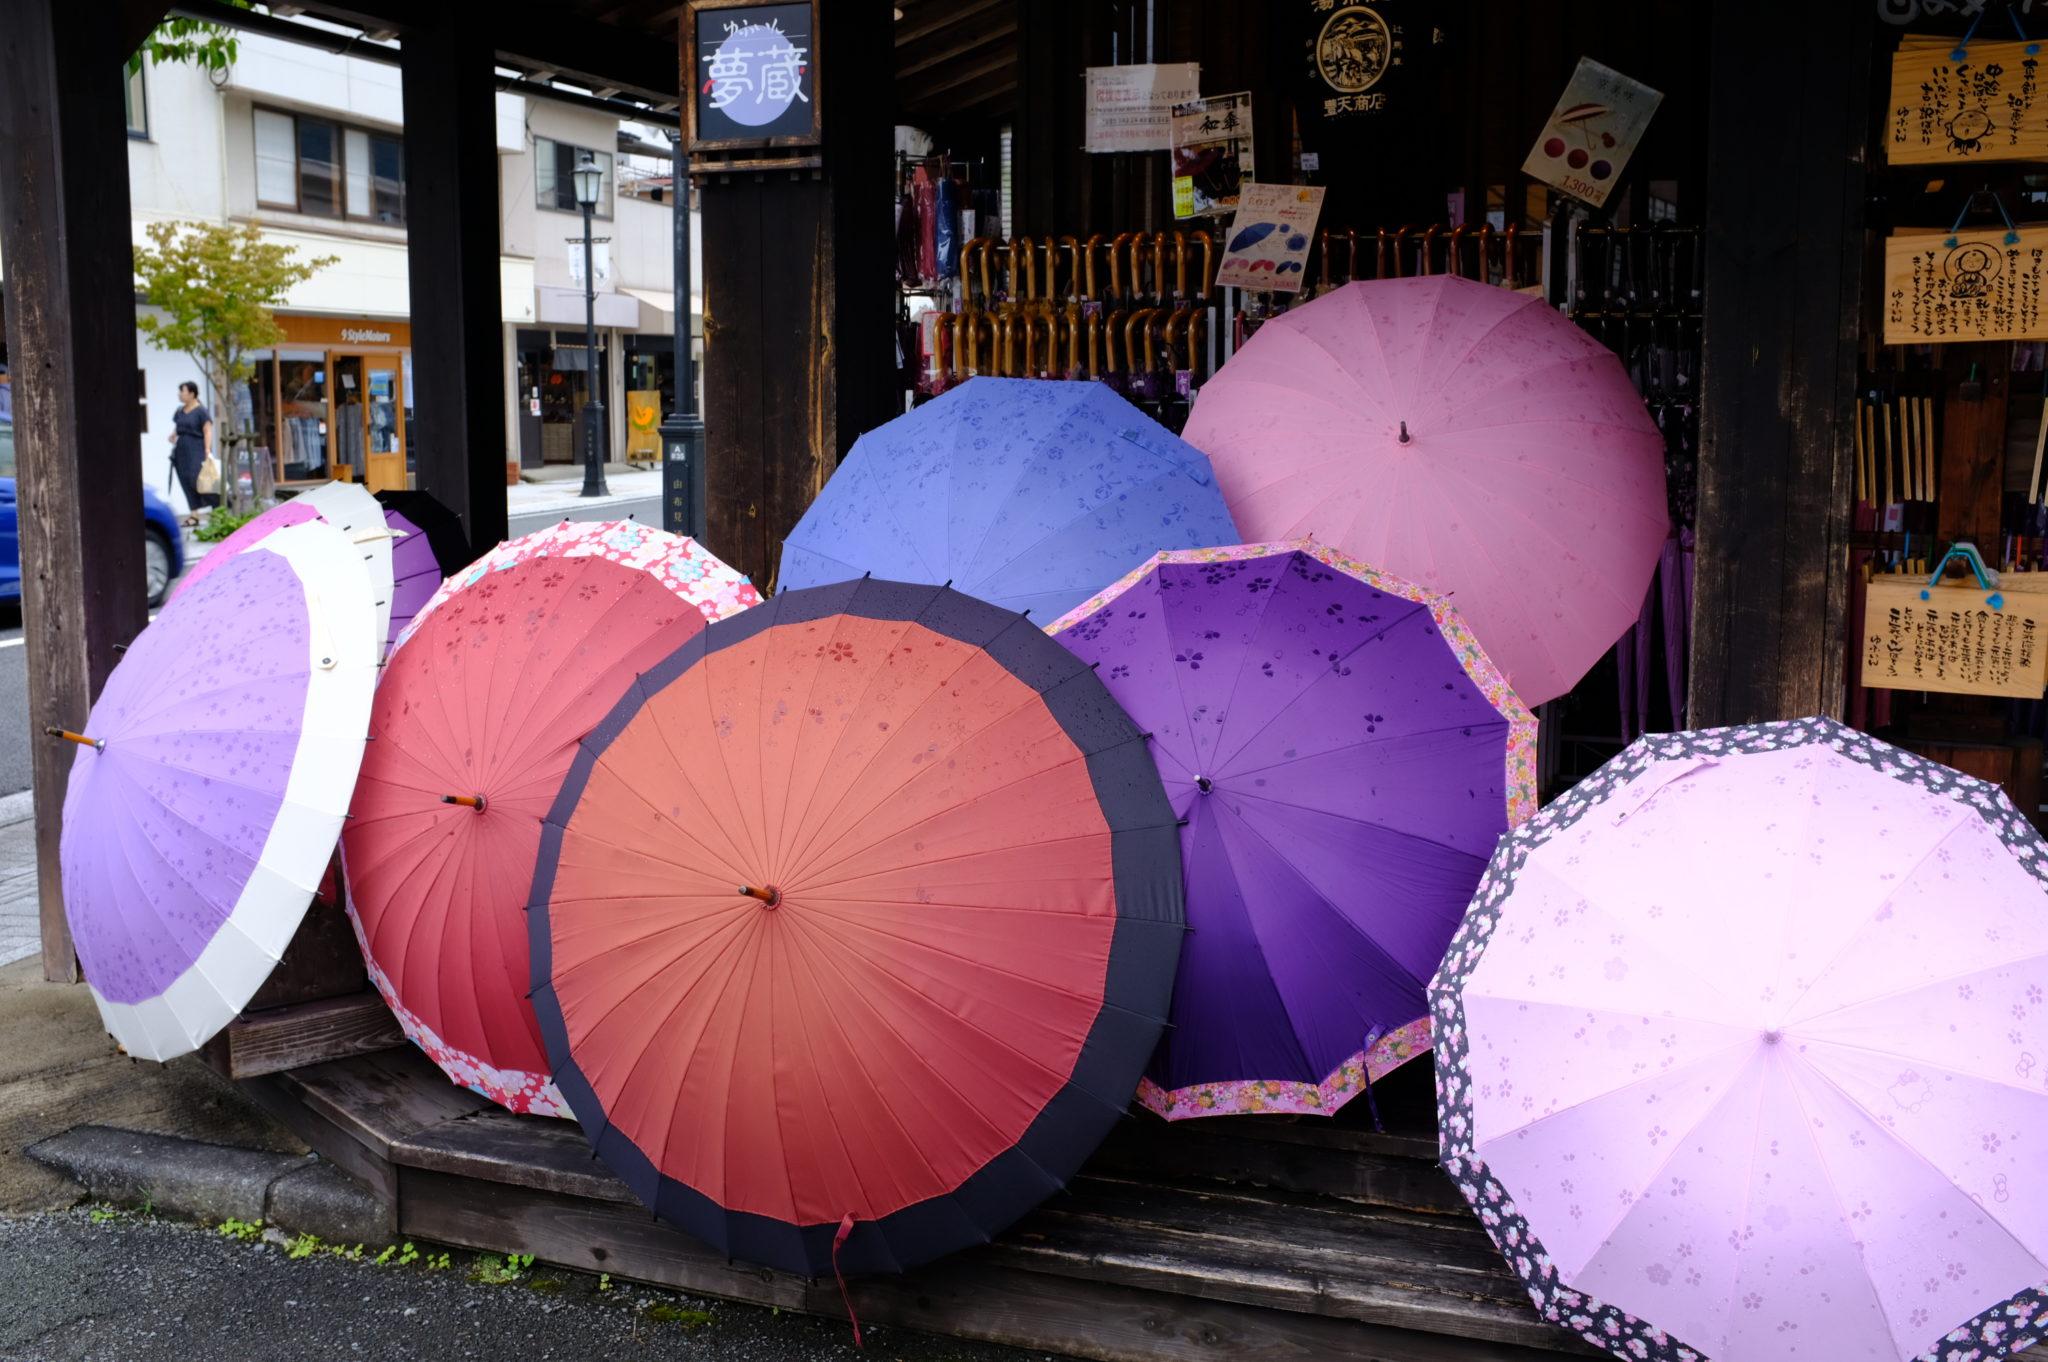 Schirme haben wir nicht gekauft